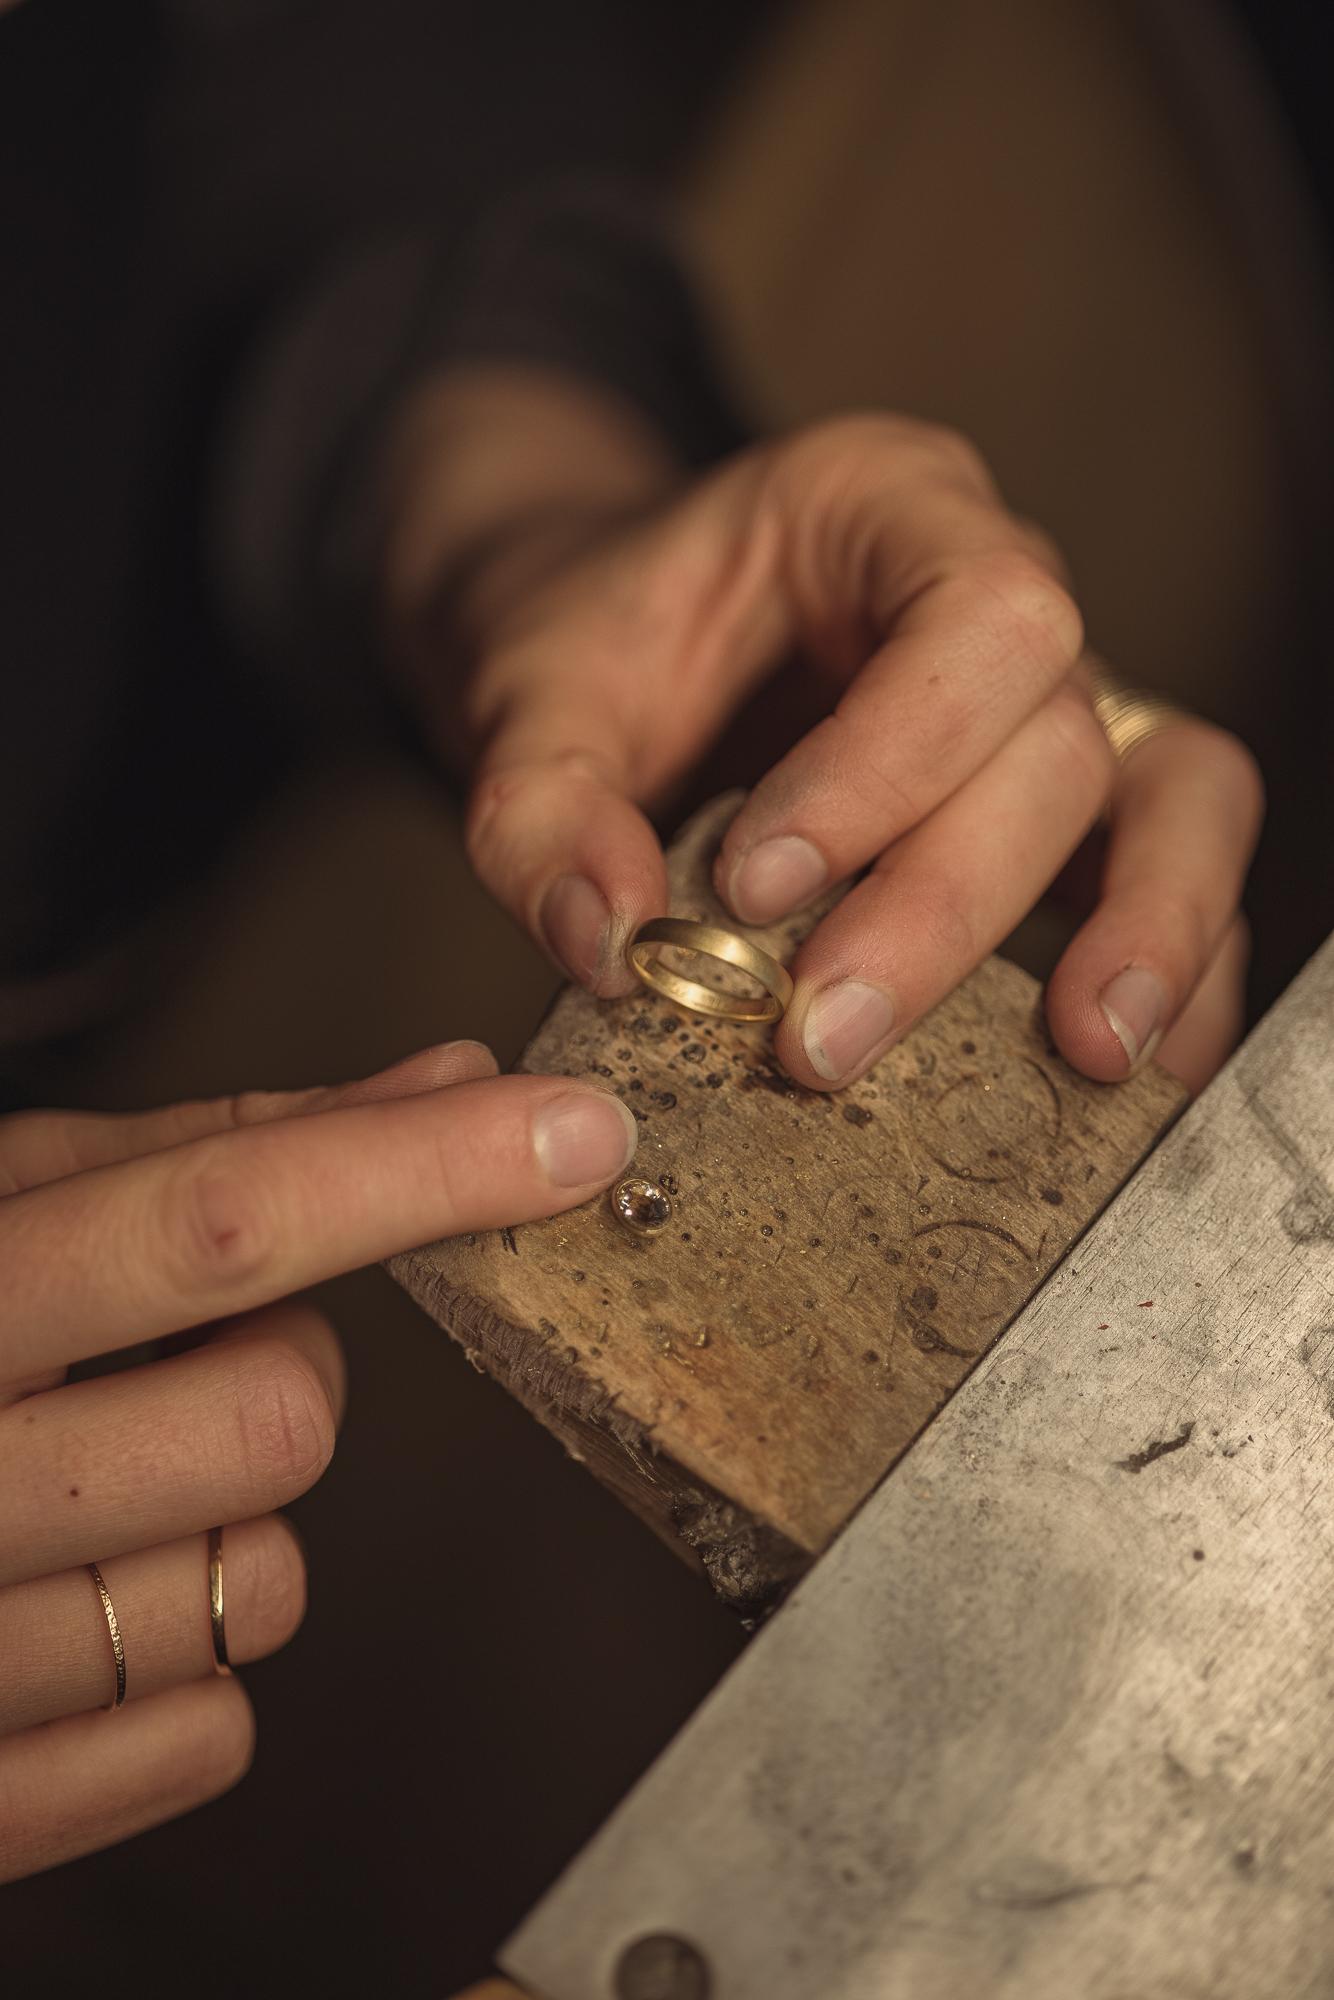 Foto von den Händen einer Goldschmiedin welche an einem Goldring arbeitet